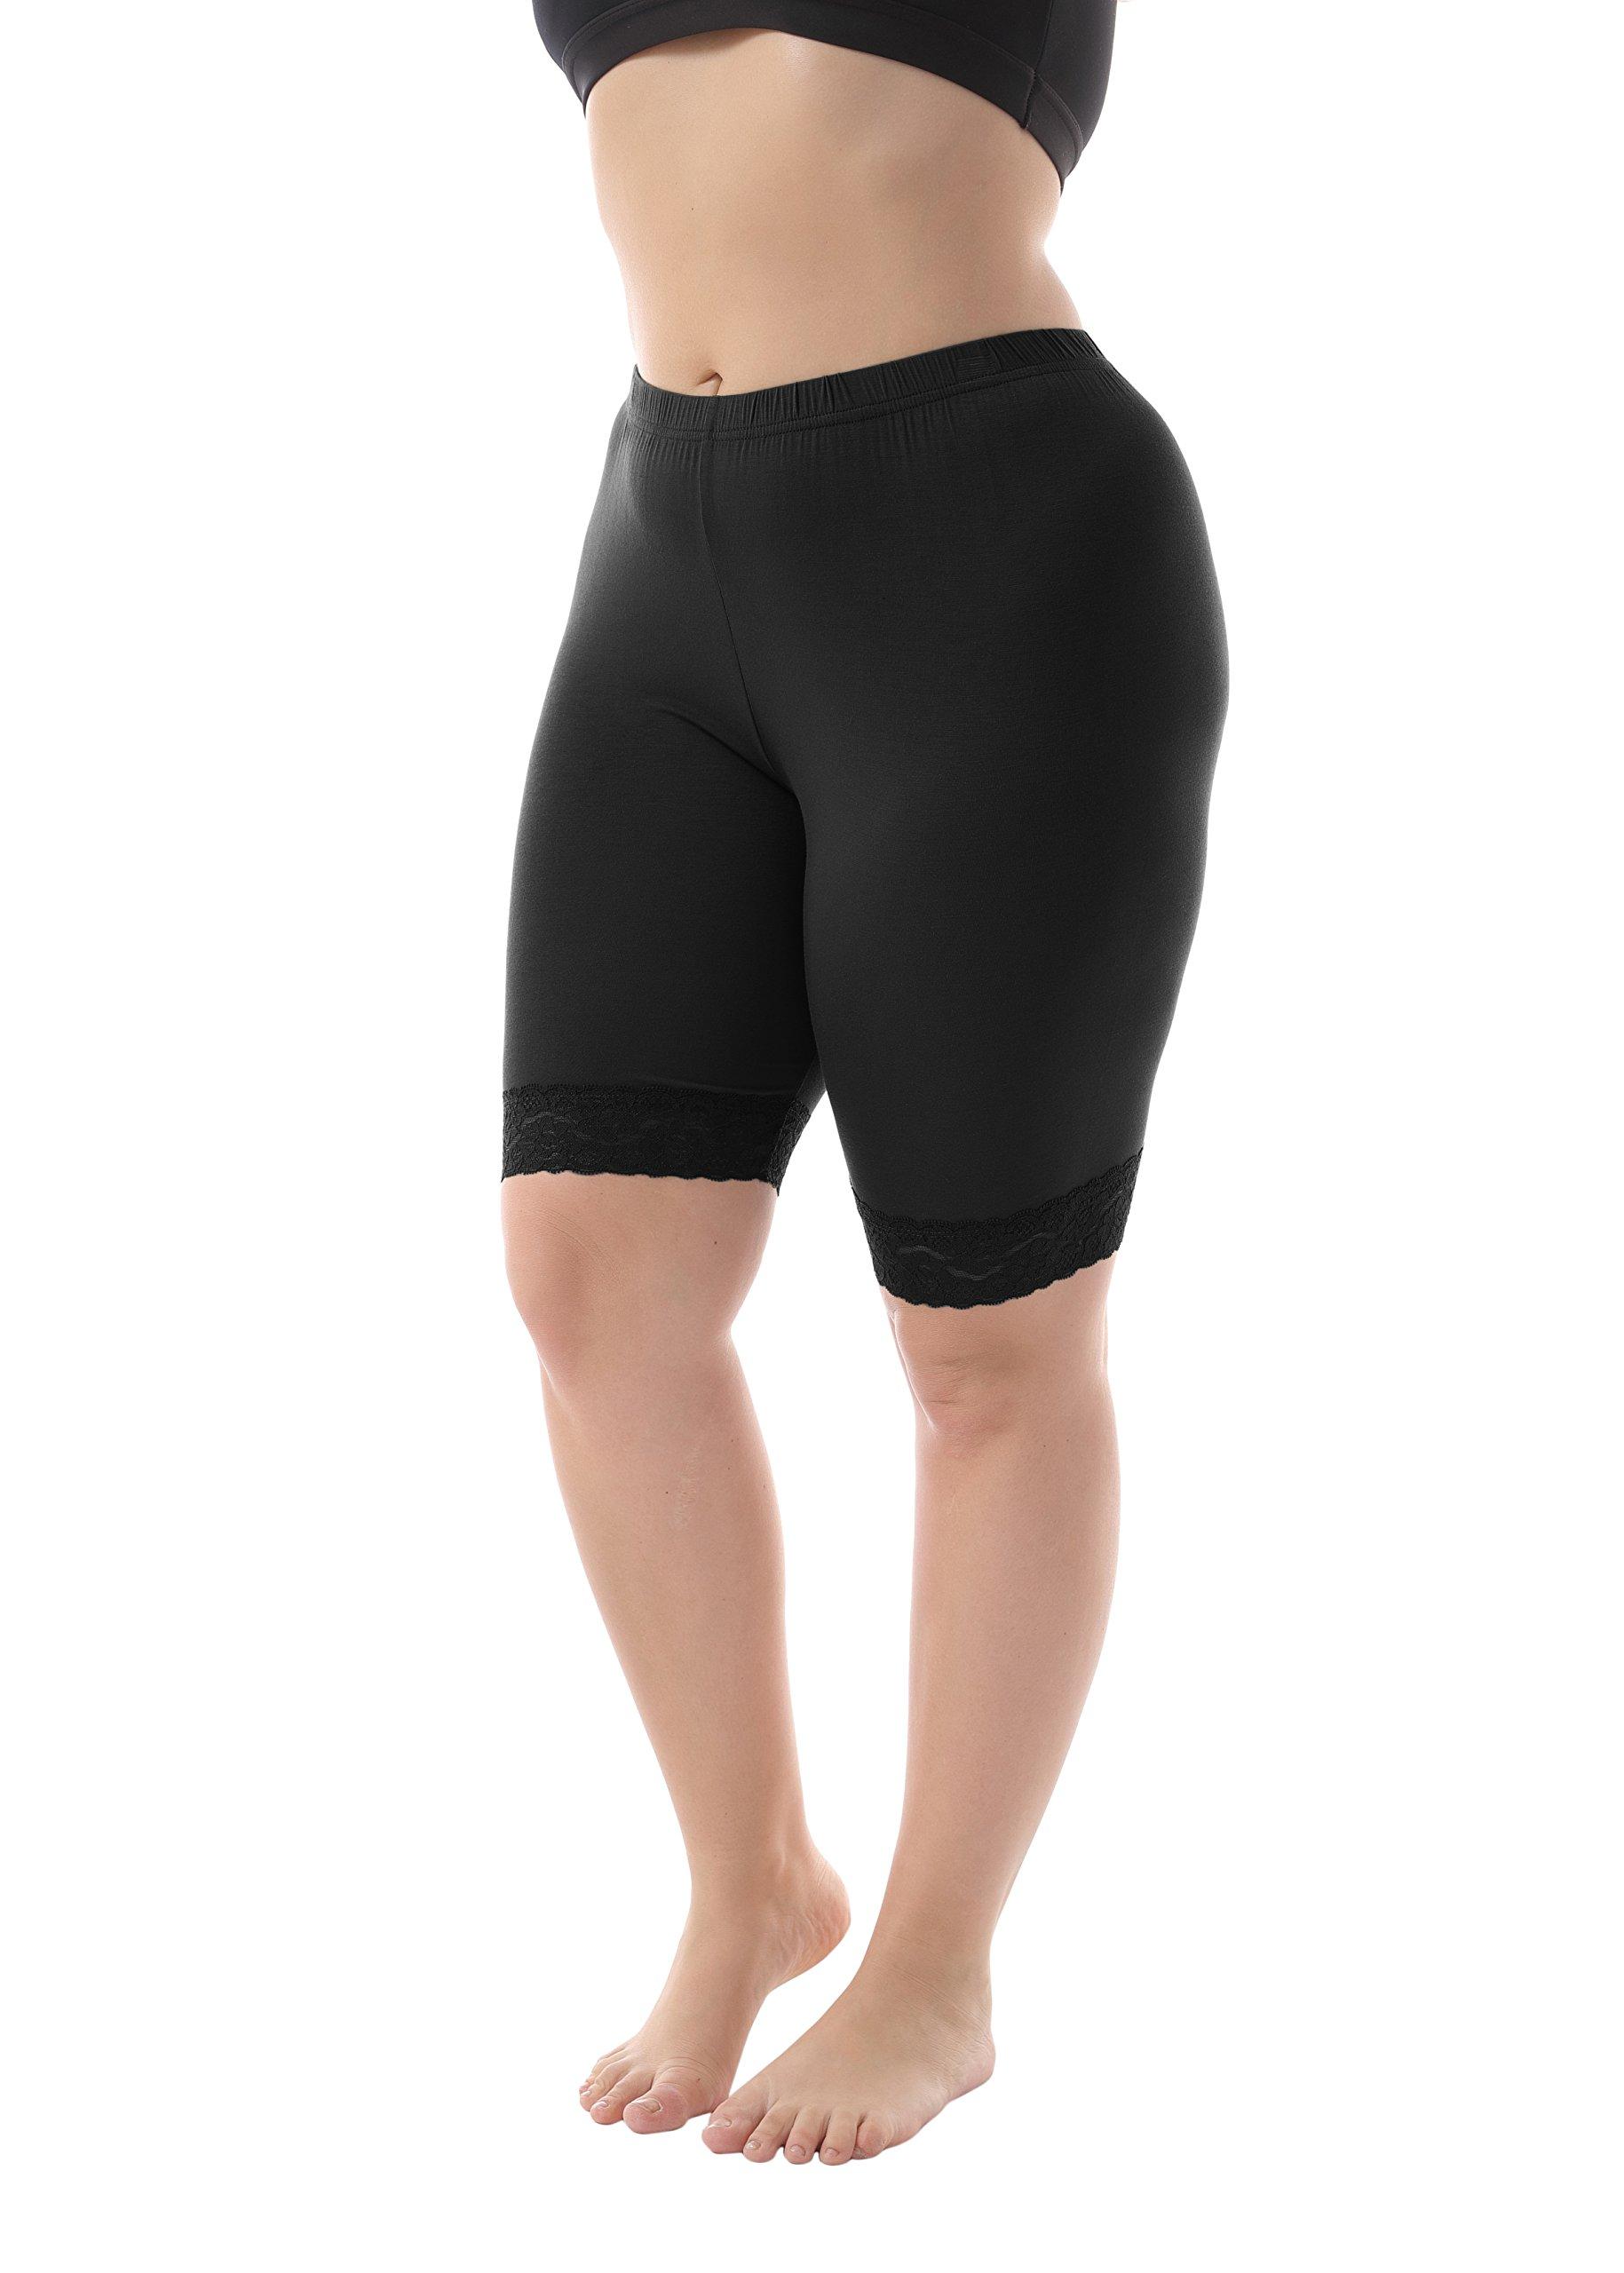 ZERDOCEAN Women's Plus Size Short Leggings with Lace Trim Black 2X Shorts